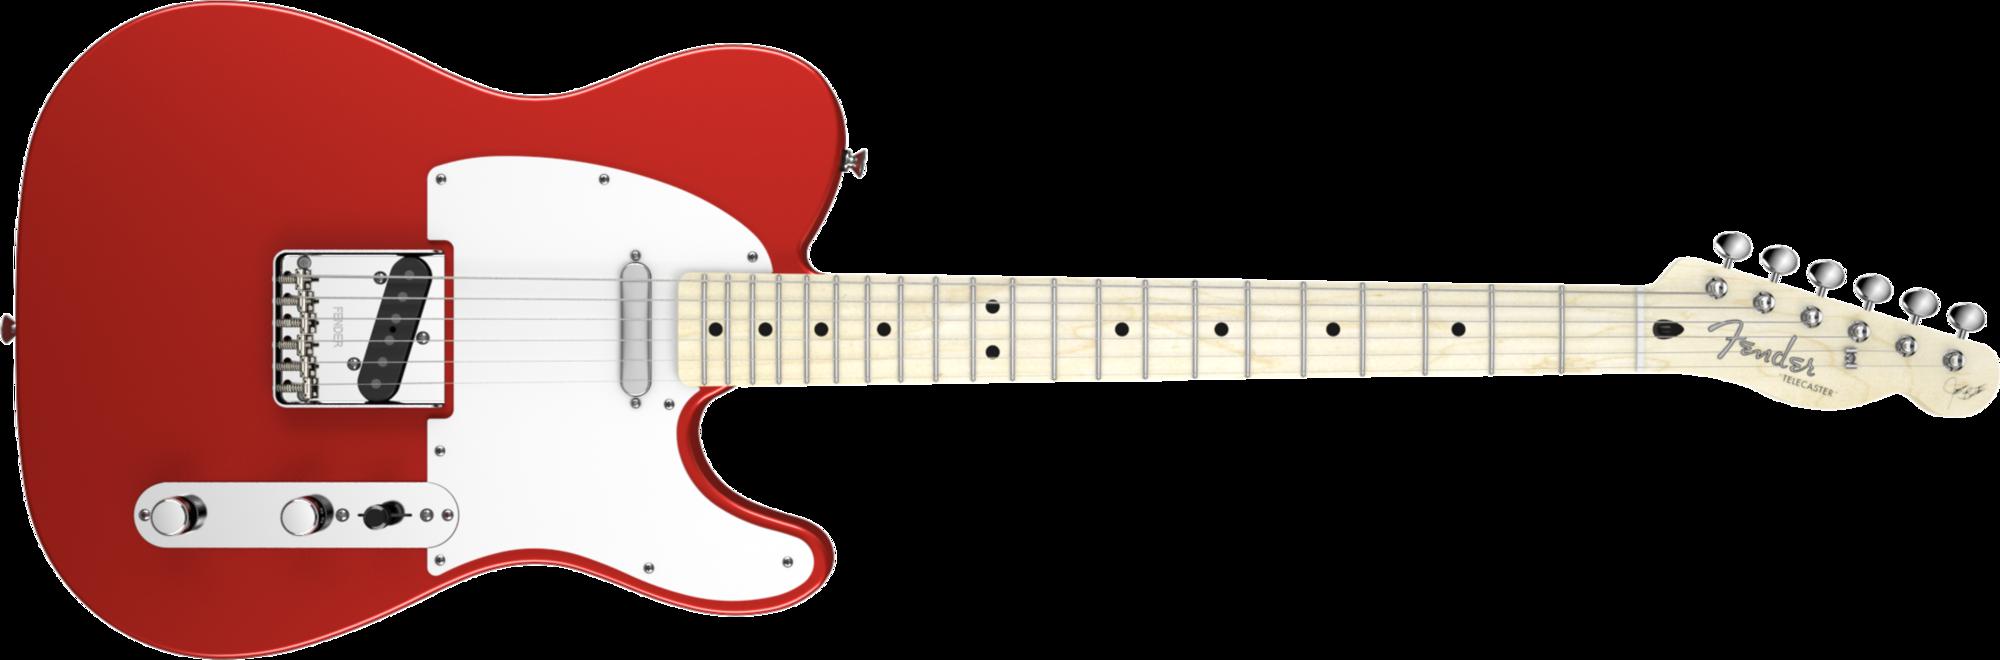 Fender_Telecaster_(Red).png